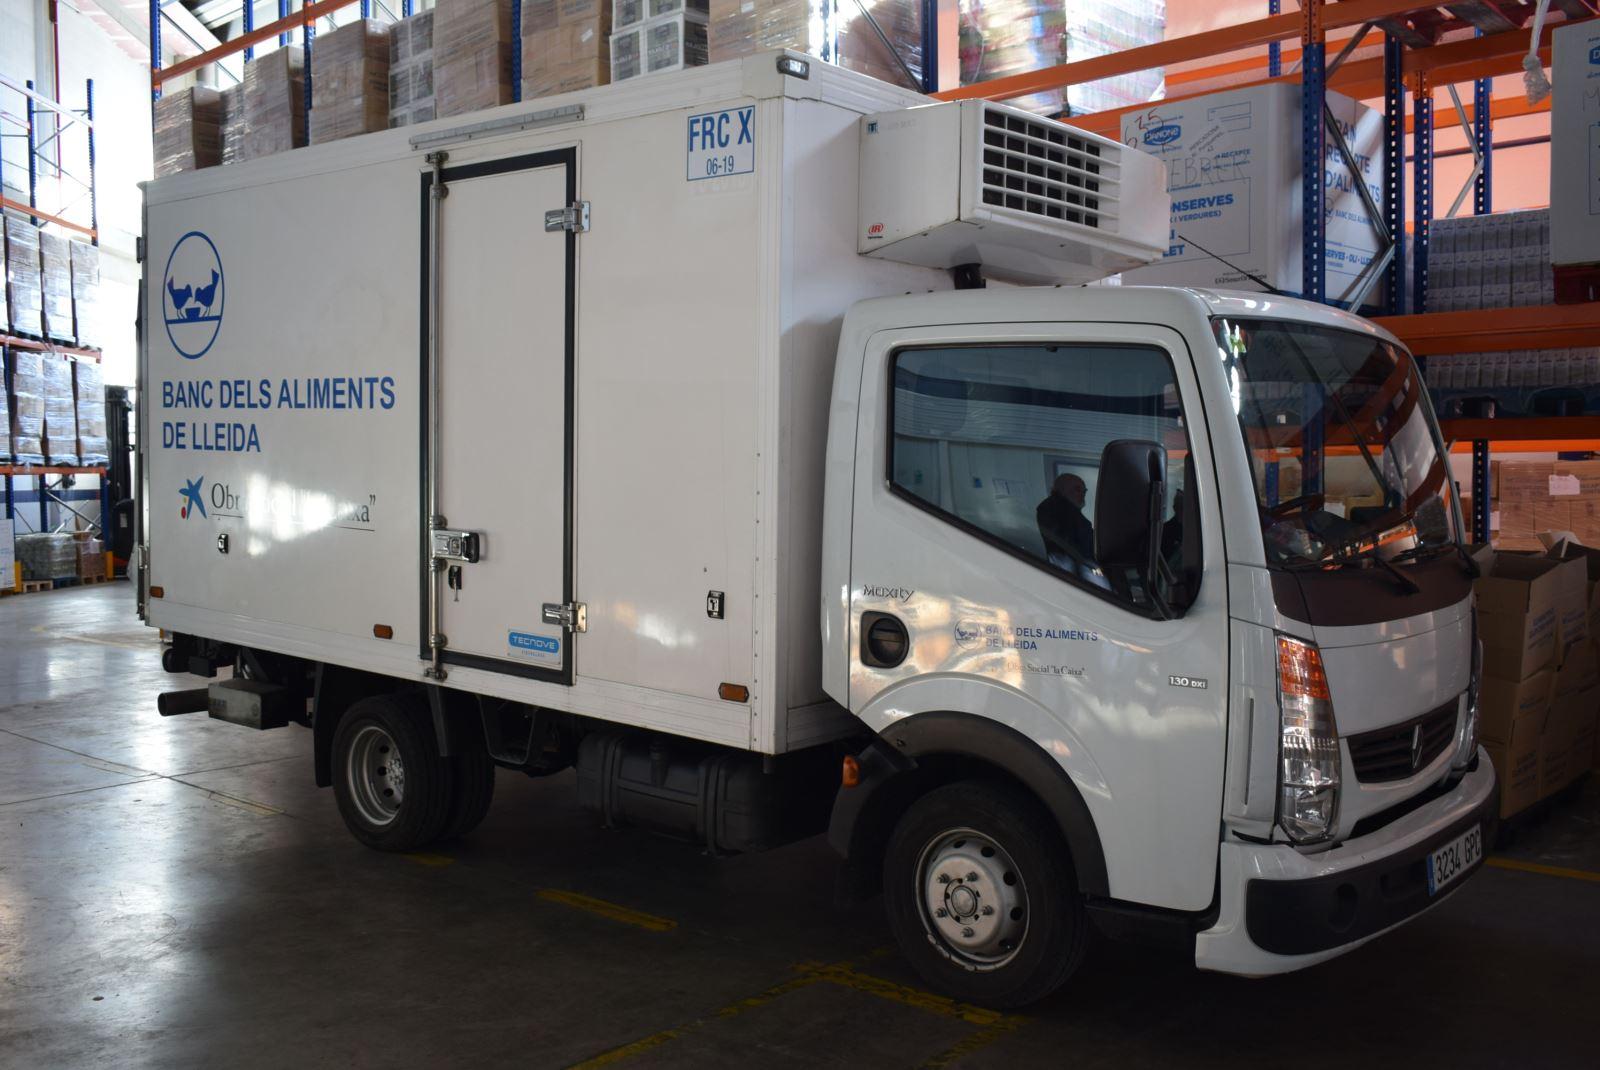 Presentació del nou camió frigorífic